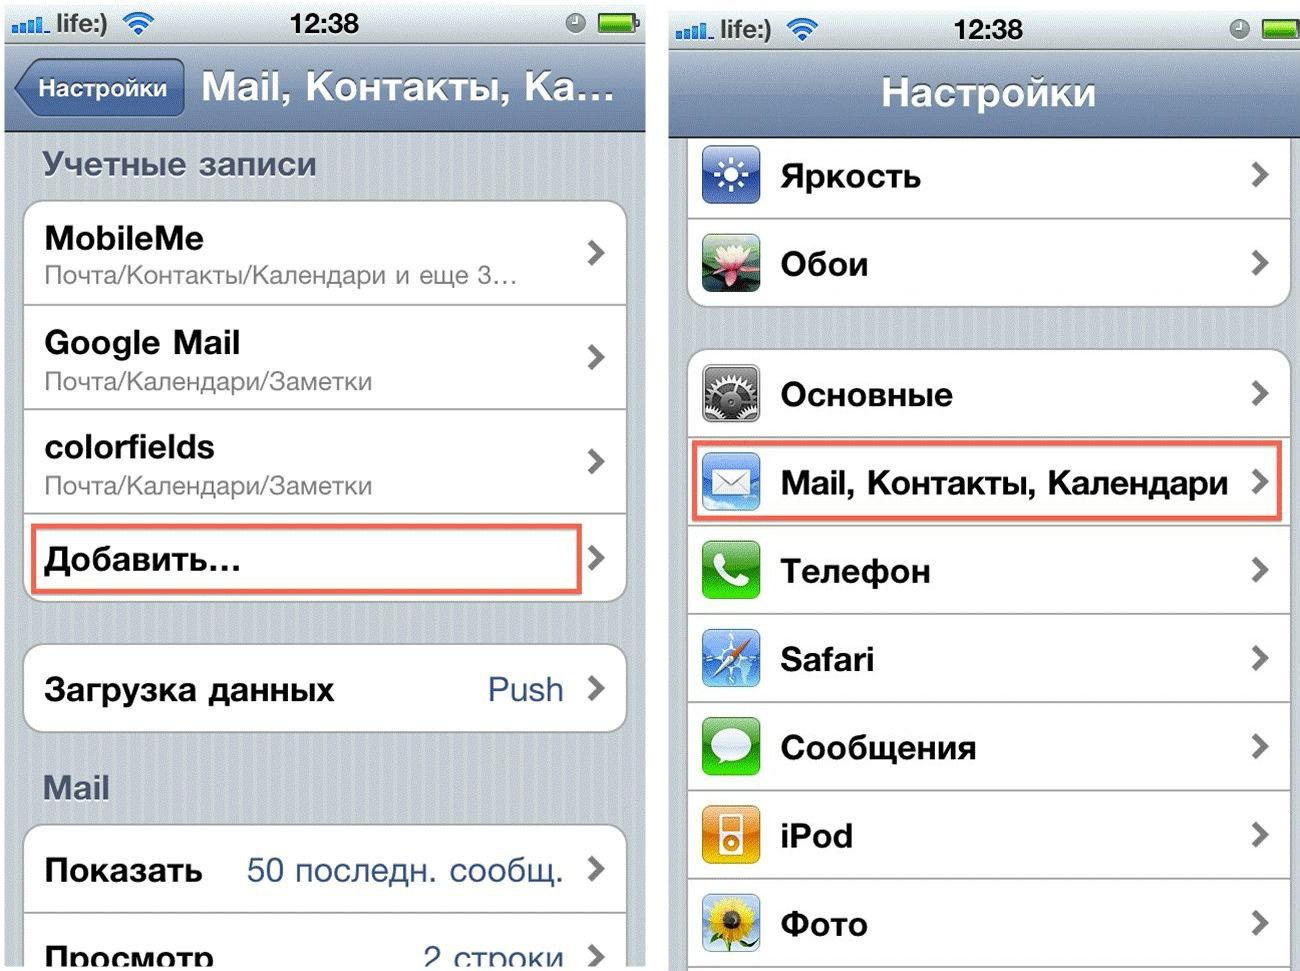 Как быстро перенести контакты с iPhone на Android-устройство - самые простые способы